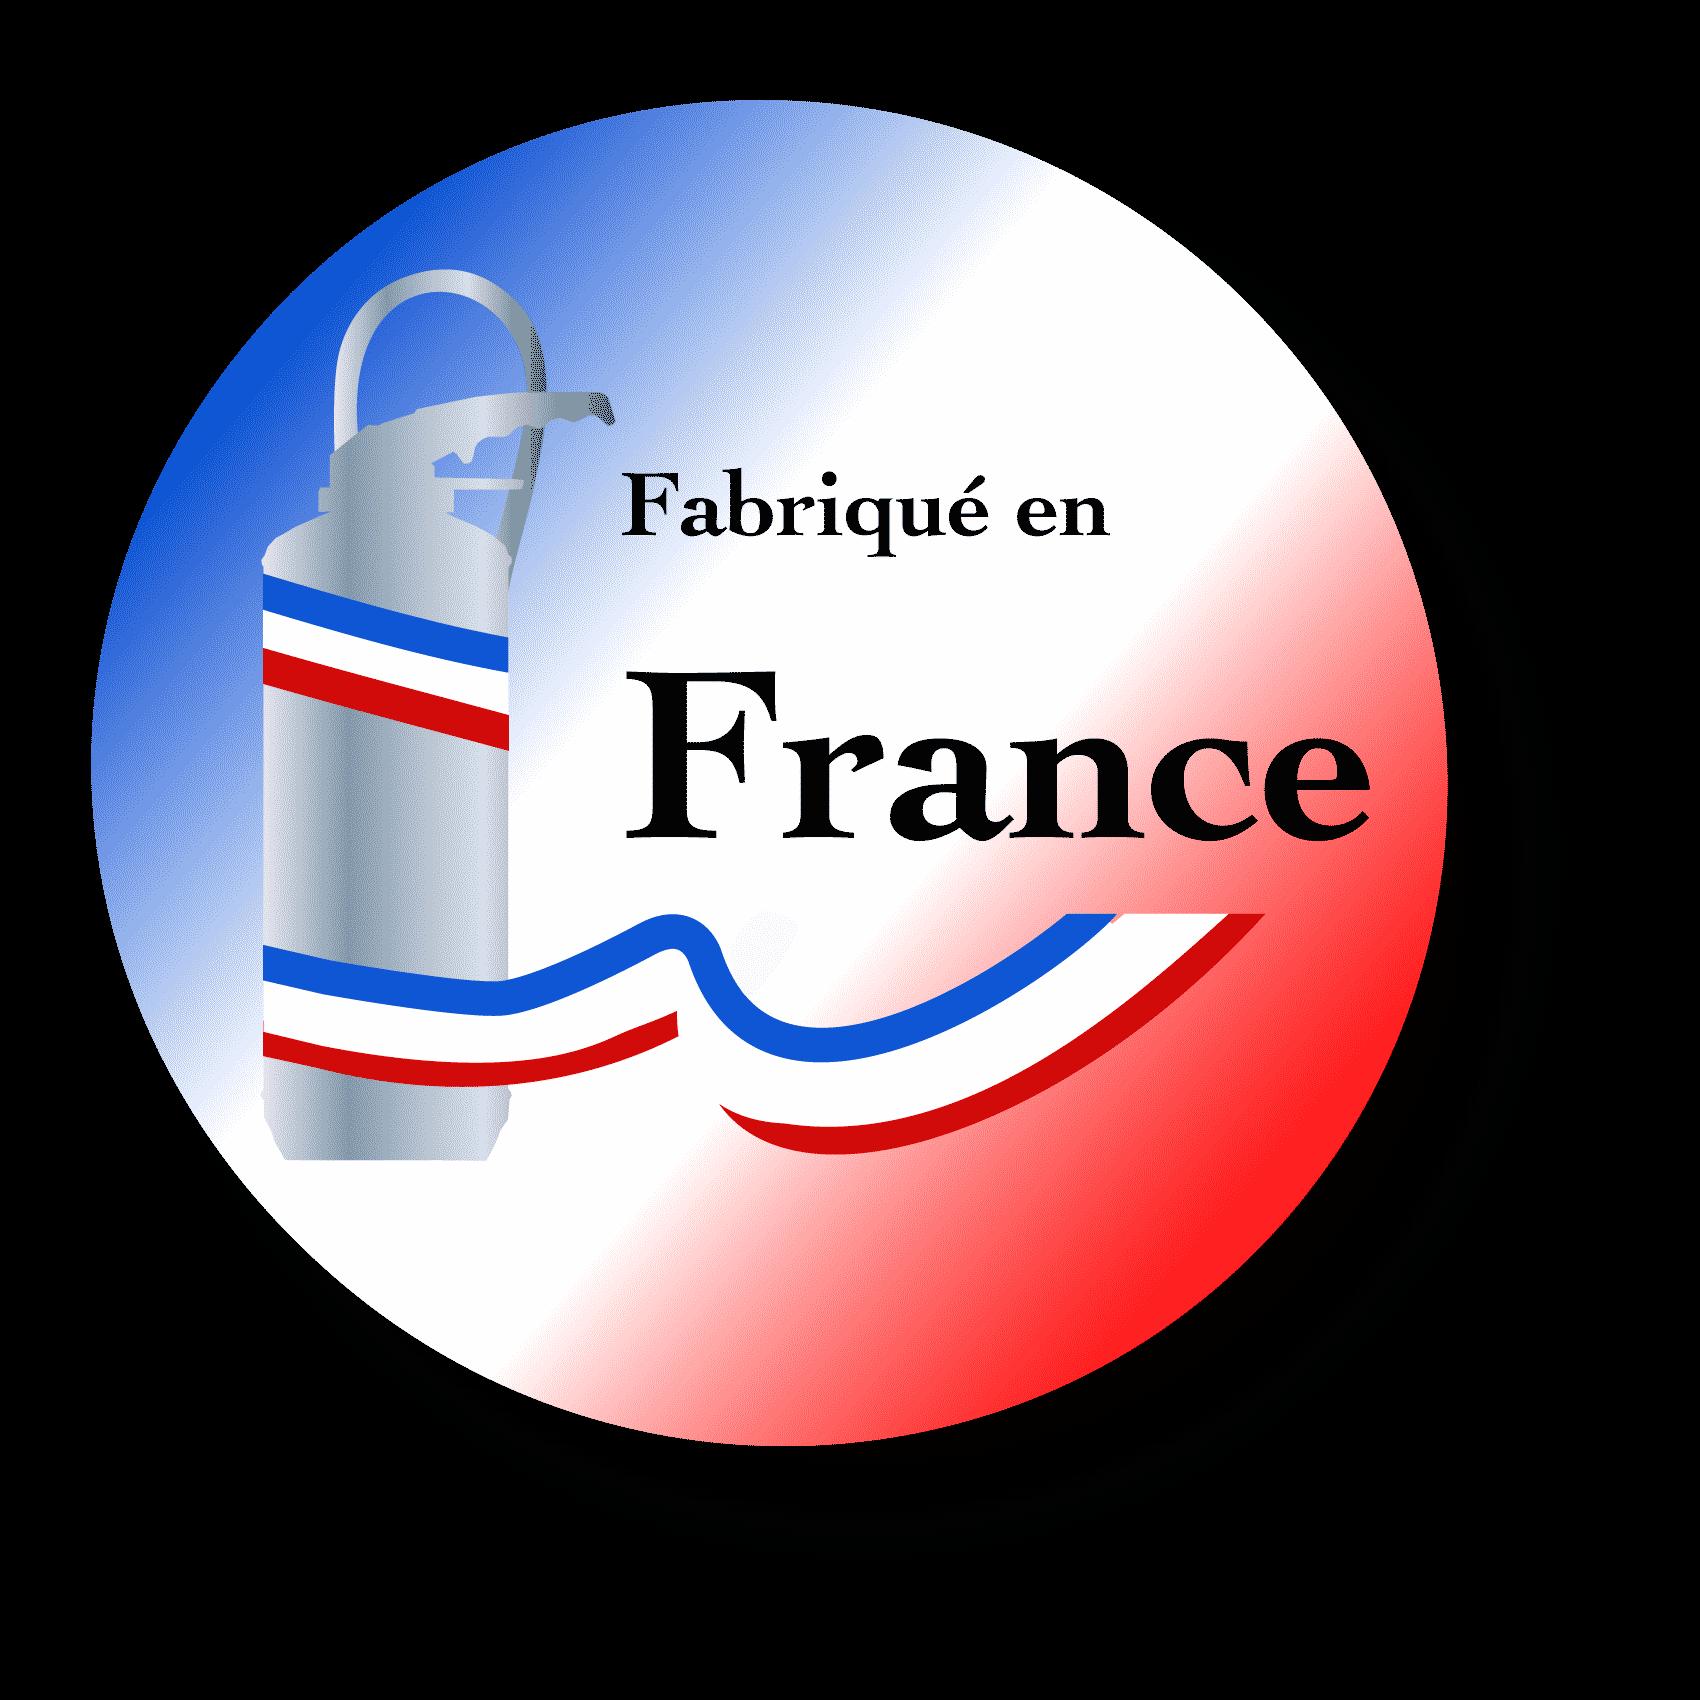 Fabrique-en- France